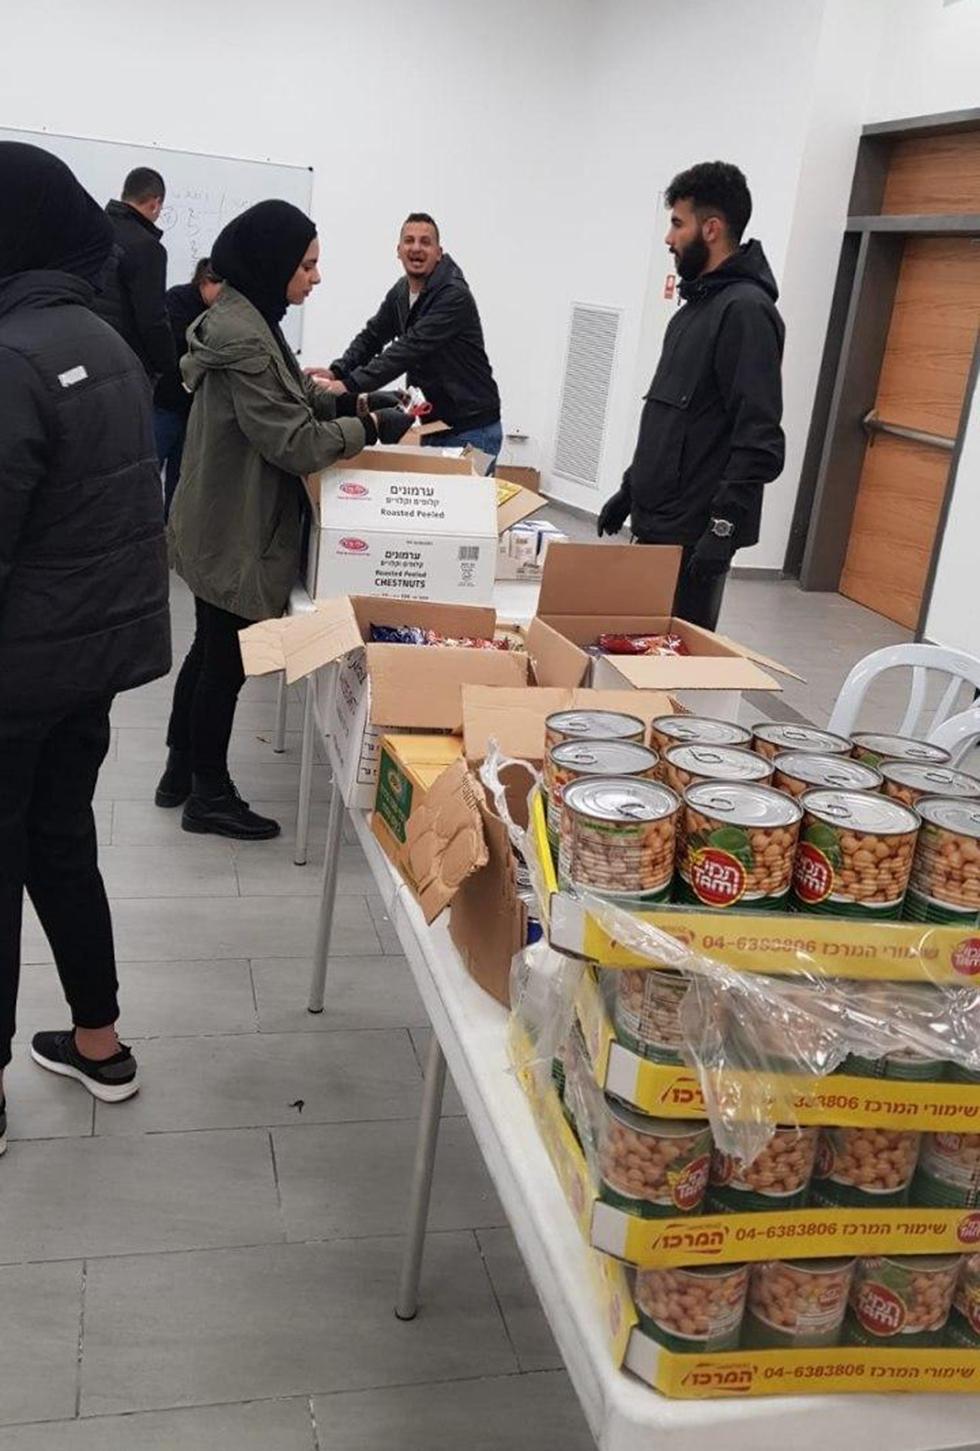 חלוקת מזון בירושלים בעקבות נגיף הקורונה (צילום: דוברות עיריית ירושלים)